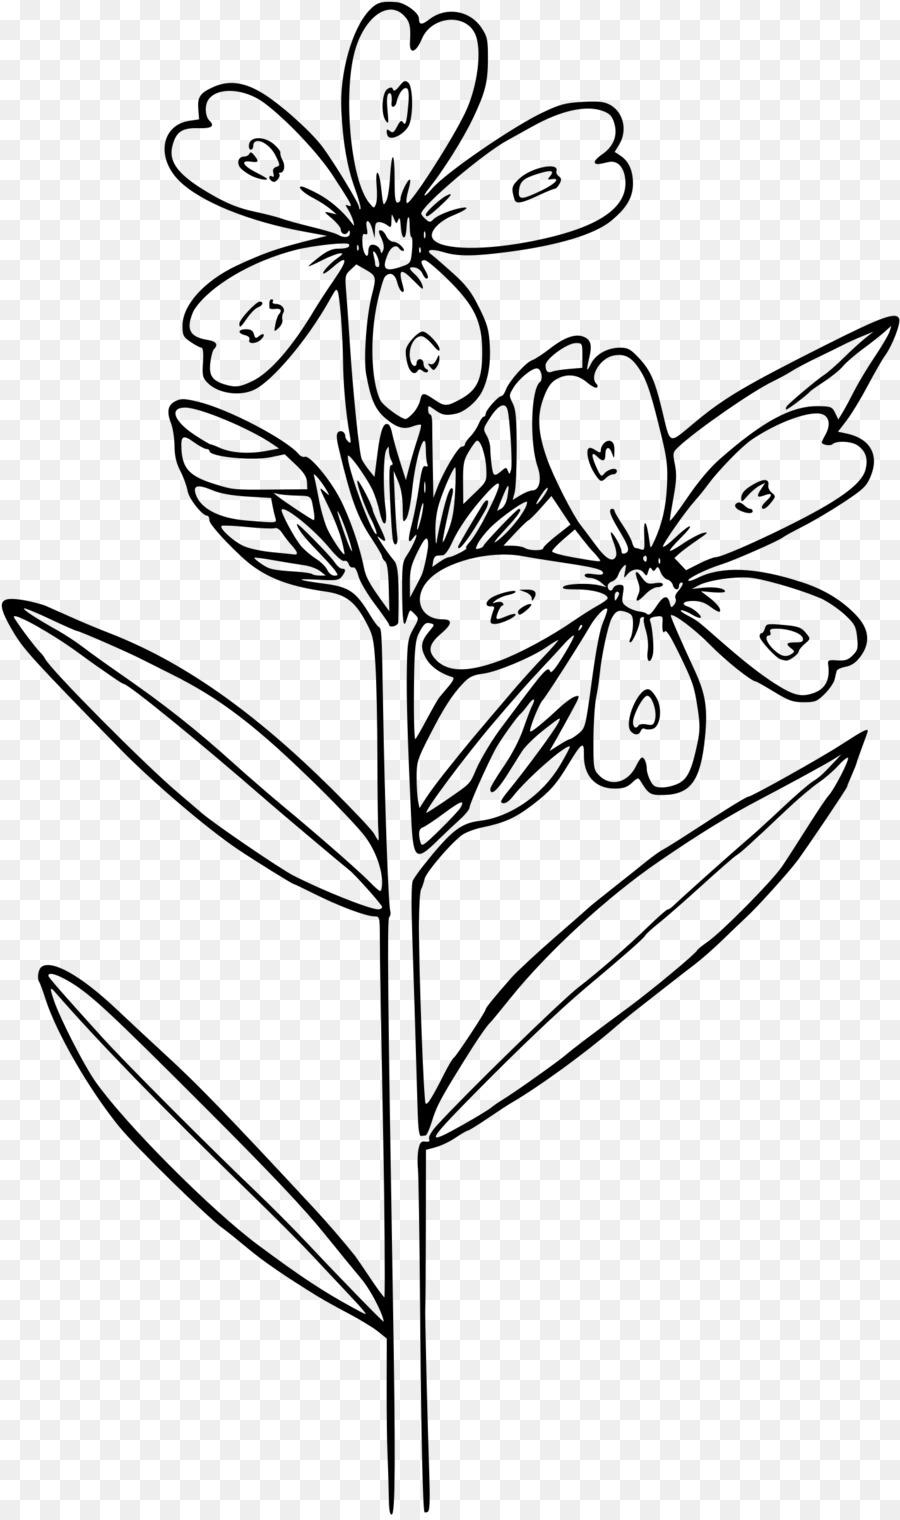 Phlox Drummondii çiçek Boyama Kitabı Küçük Resim Anemon Png Indir